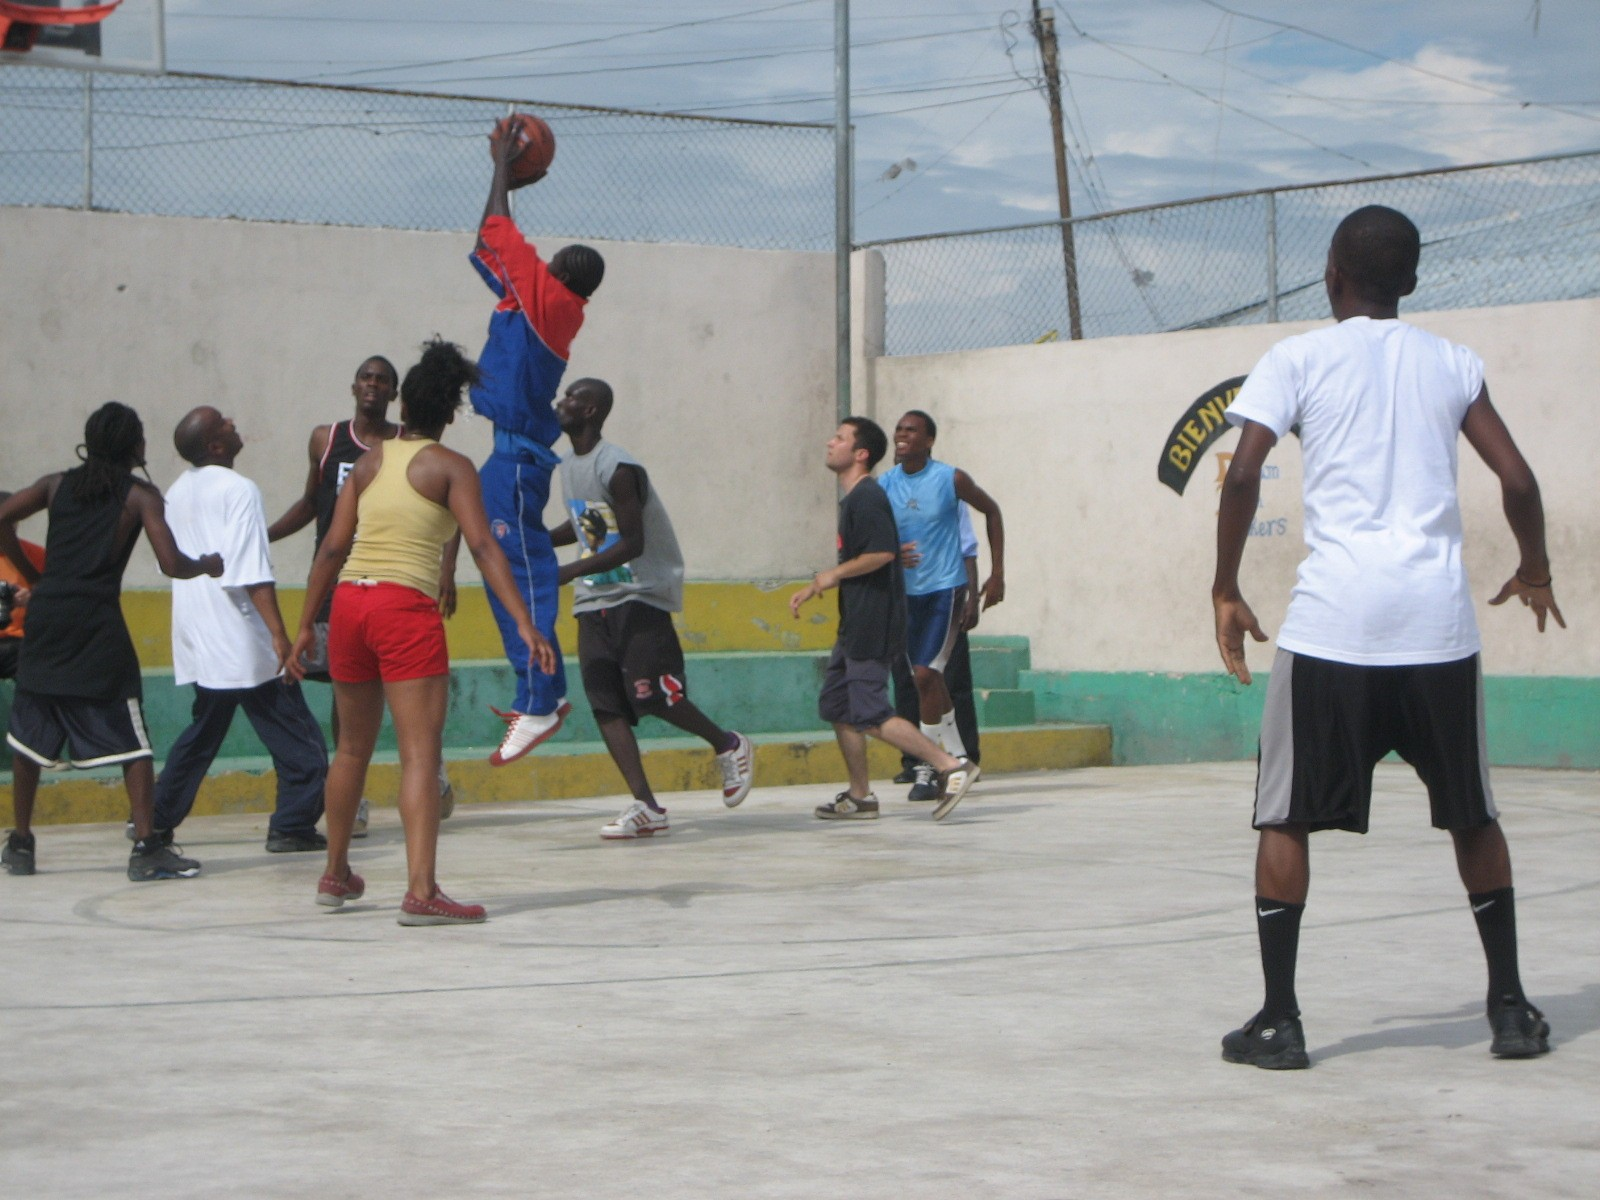 2007, Haiti, TWA, Third World Awareness, non-profit, charity, helping, community, basketball game, basketball court, Canada, Haiti